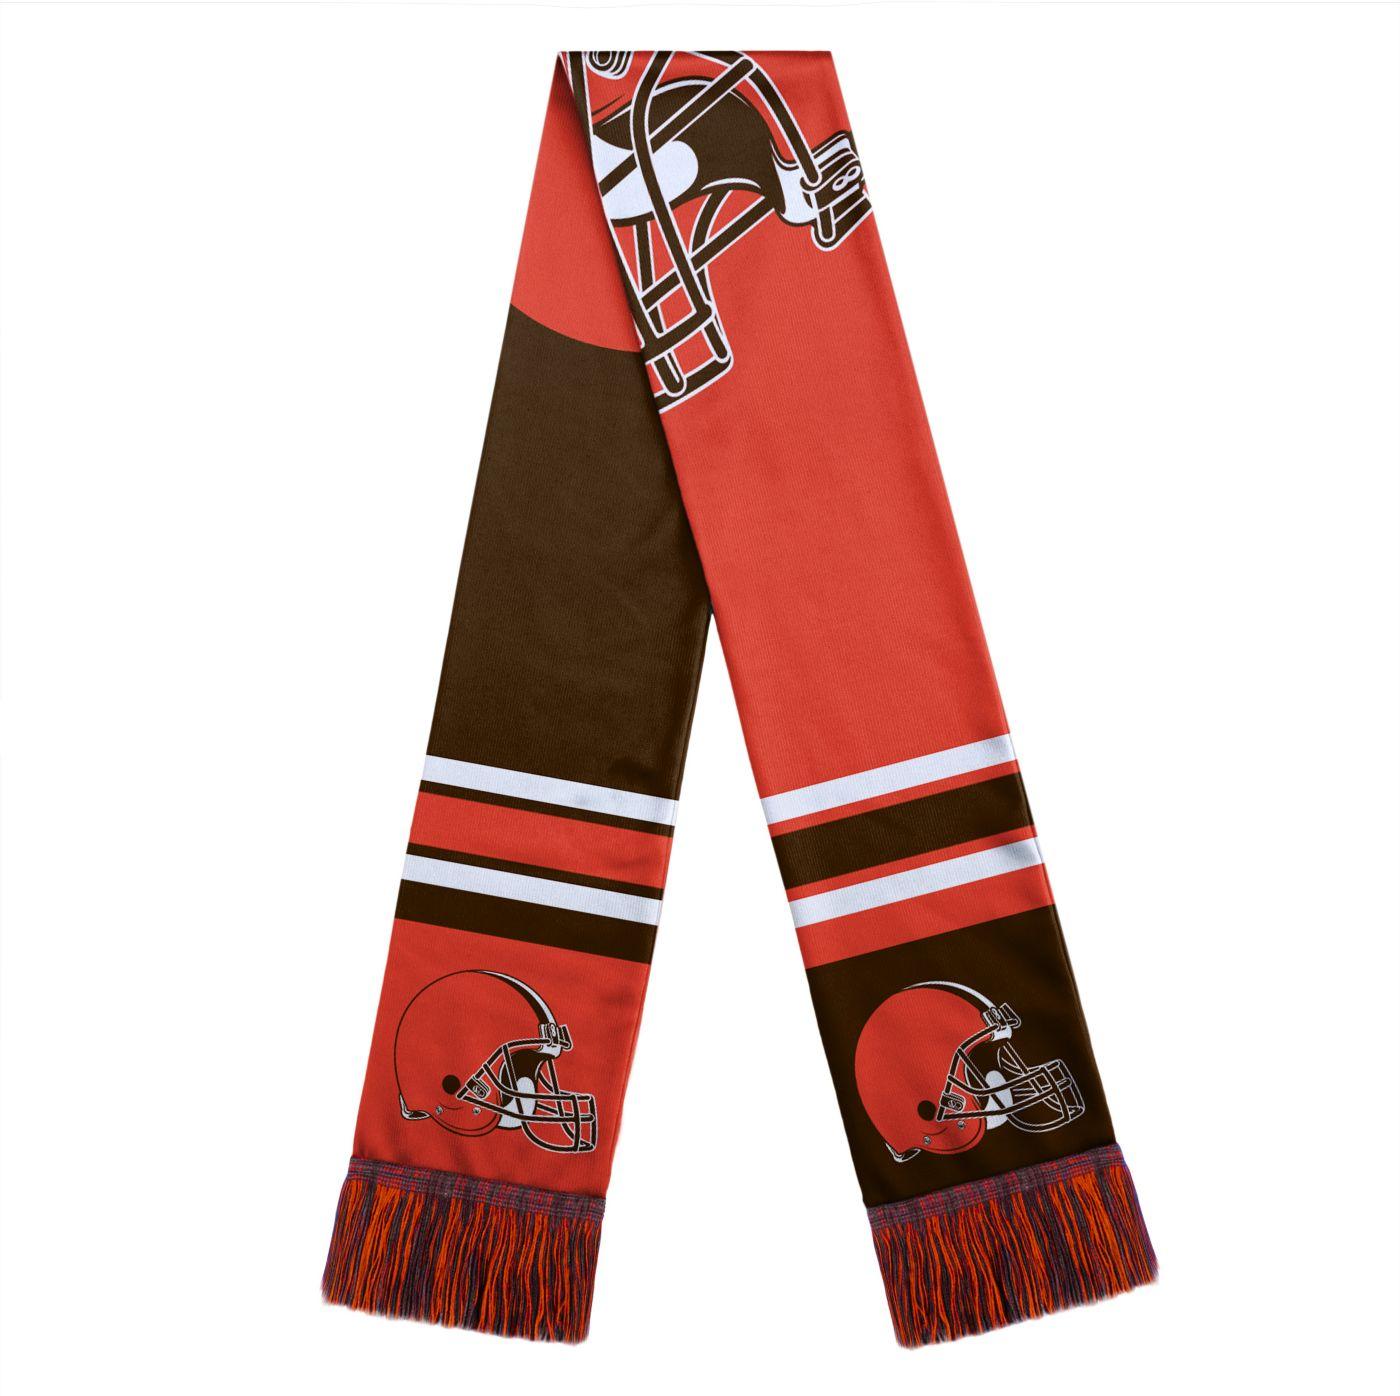 FOCO Cleveland Browns Color Block Scarf